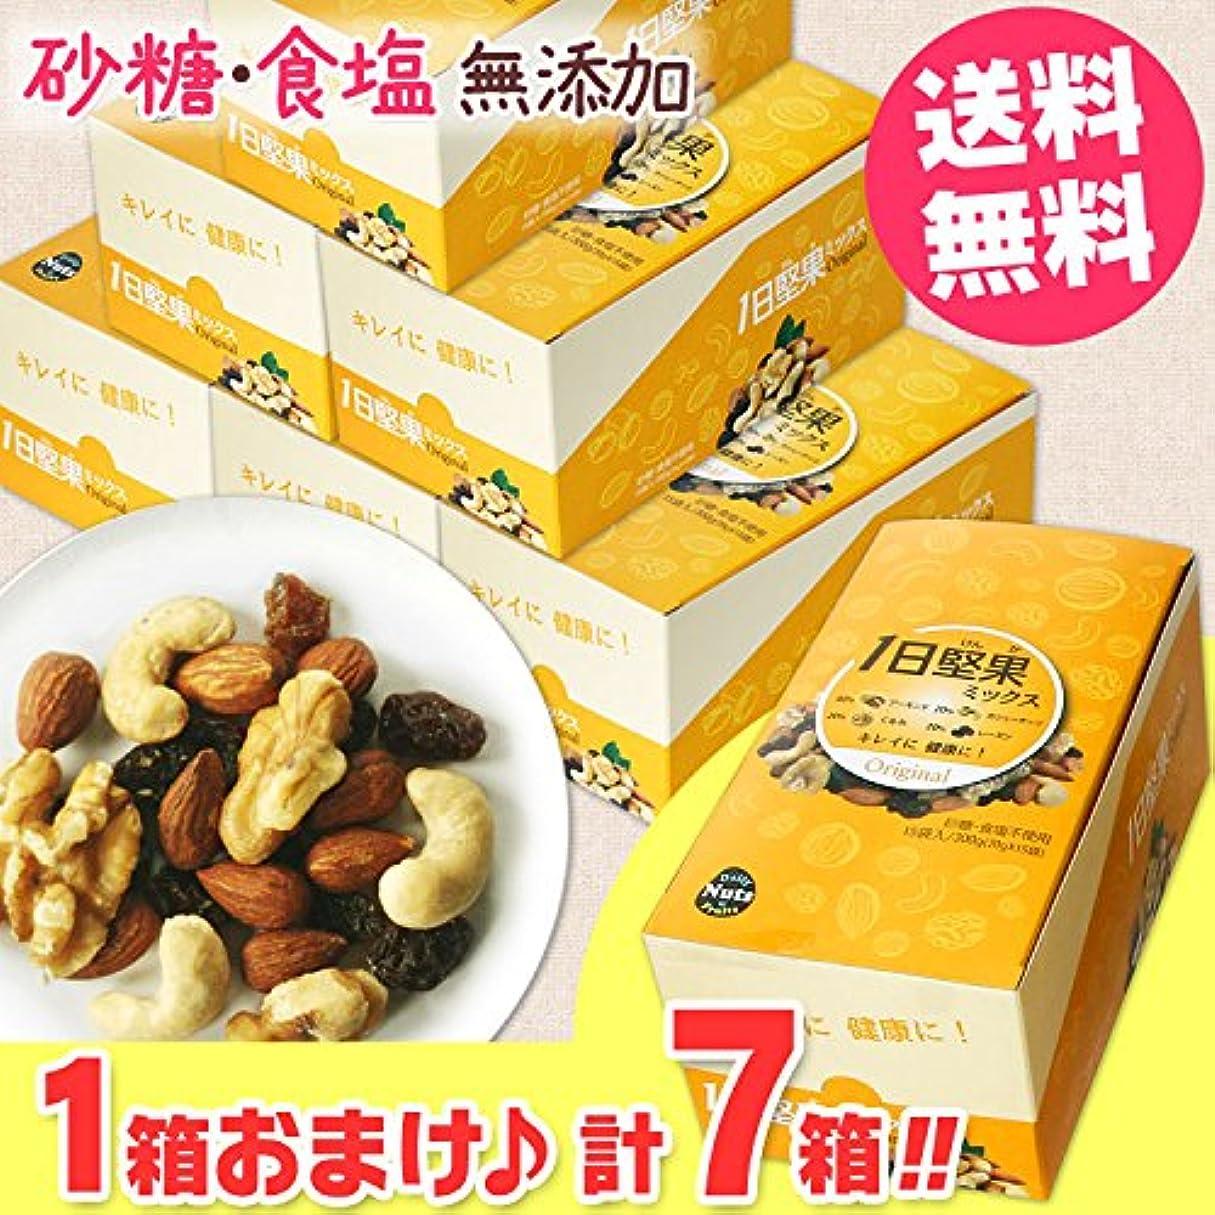 スラムもっと少なくマイク1日堅果ミックス オリジナル [15袋]◆6箱セット+1箱増量?